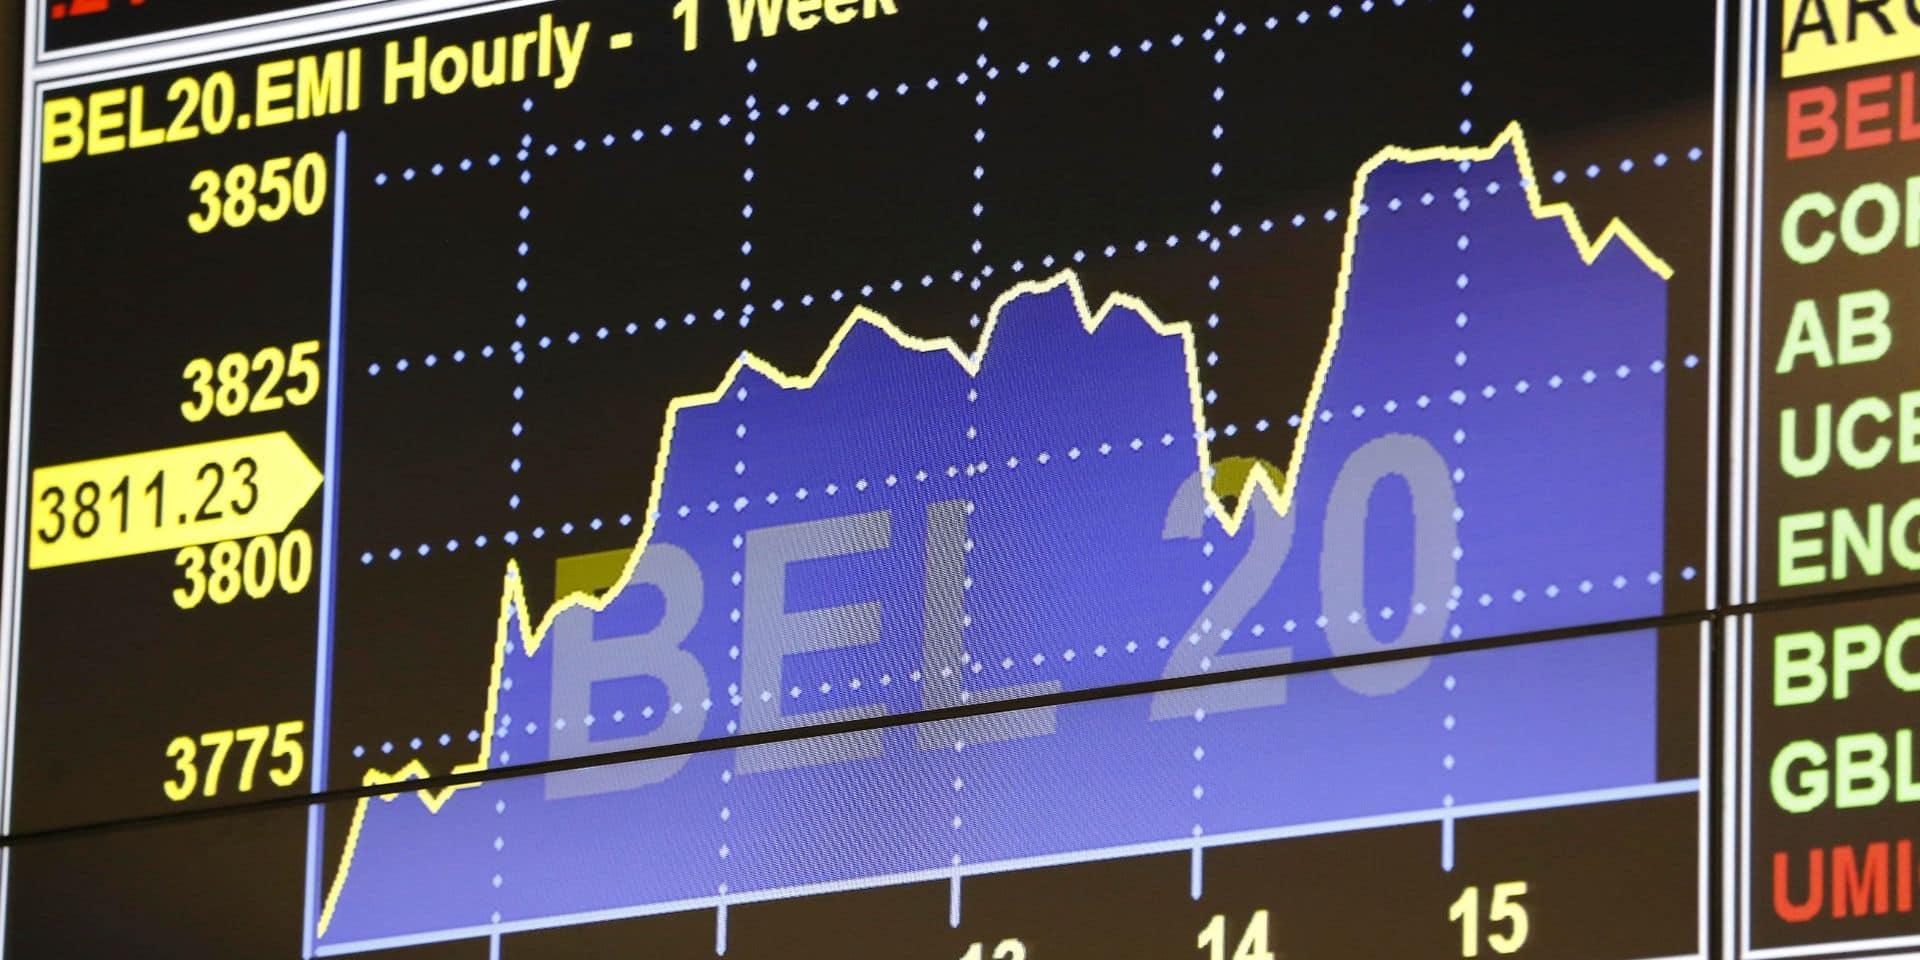 La Bourse de Bruxelles termine la semaine en force, Londres en recul